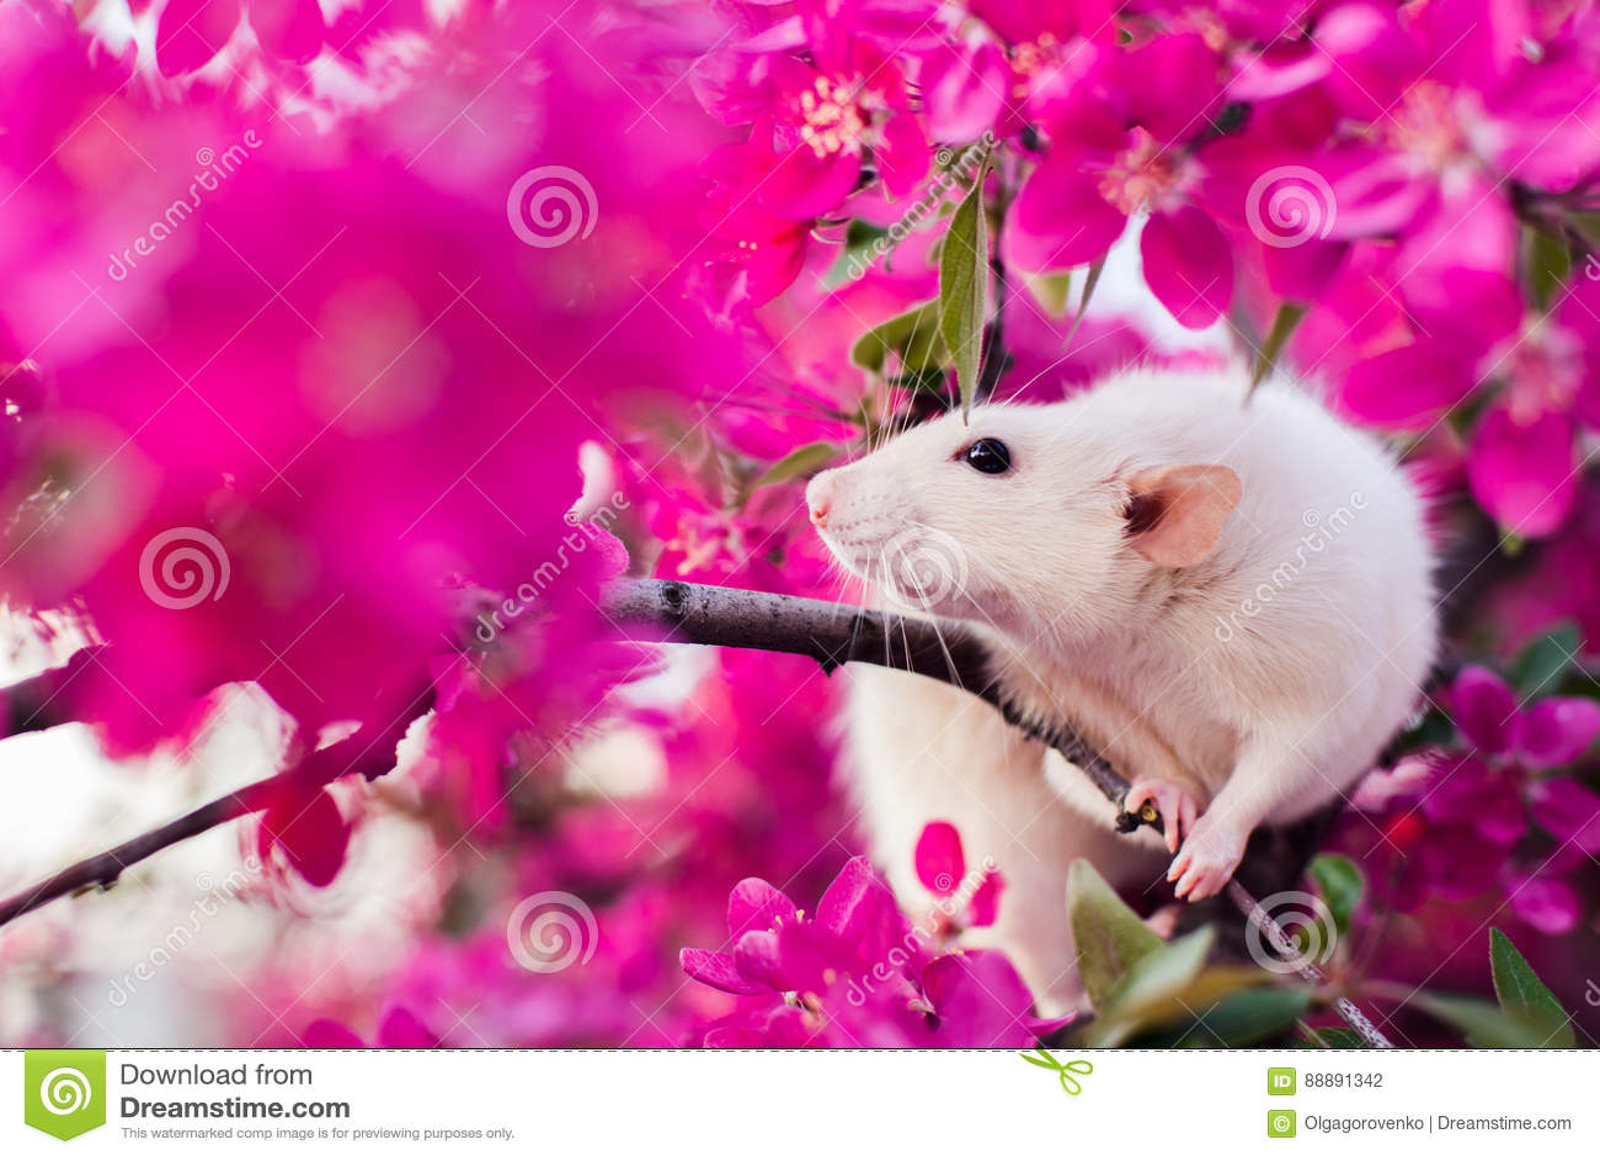 坐在蒲桃开花的逗人喜爱的花梢鼠